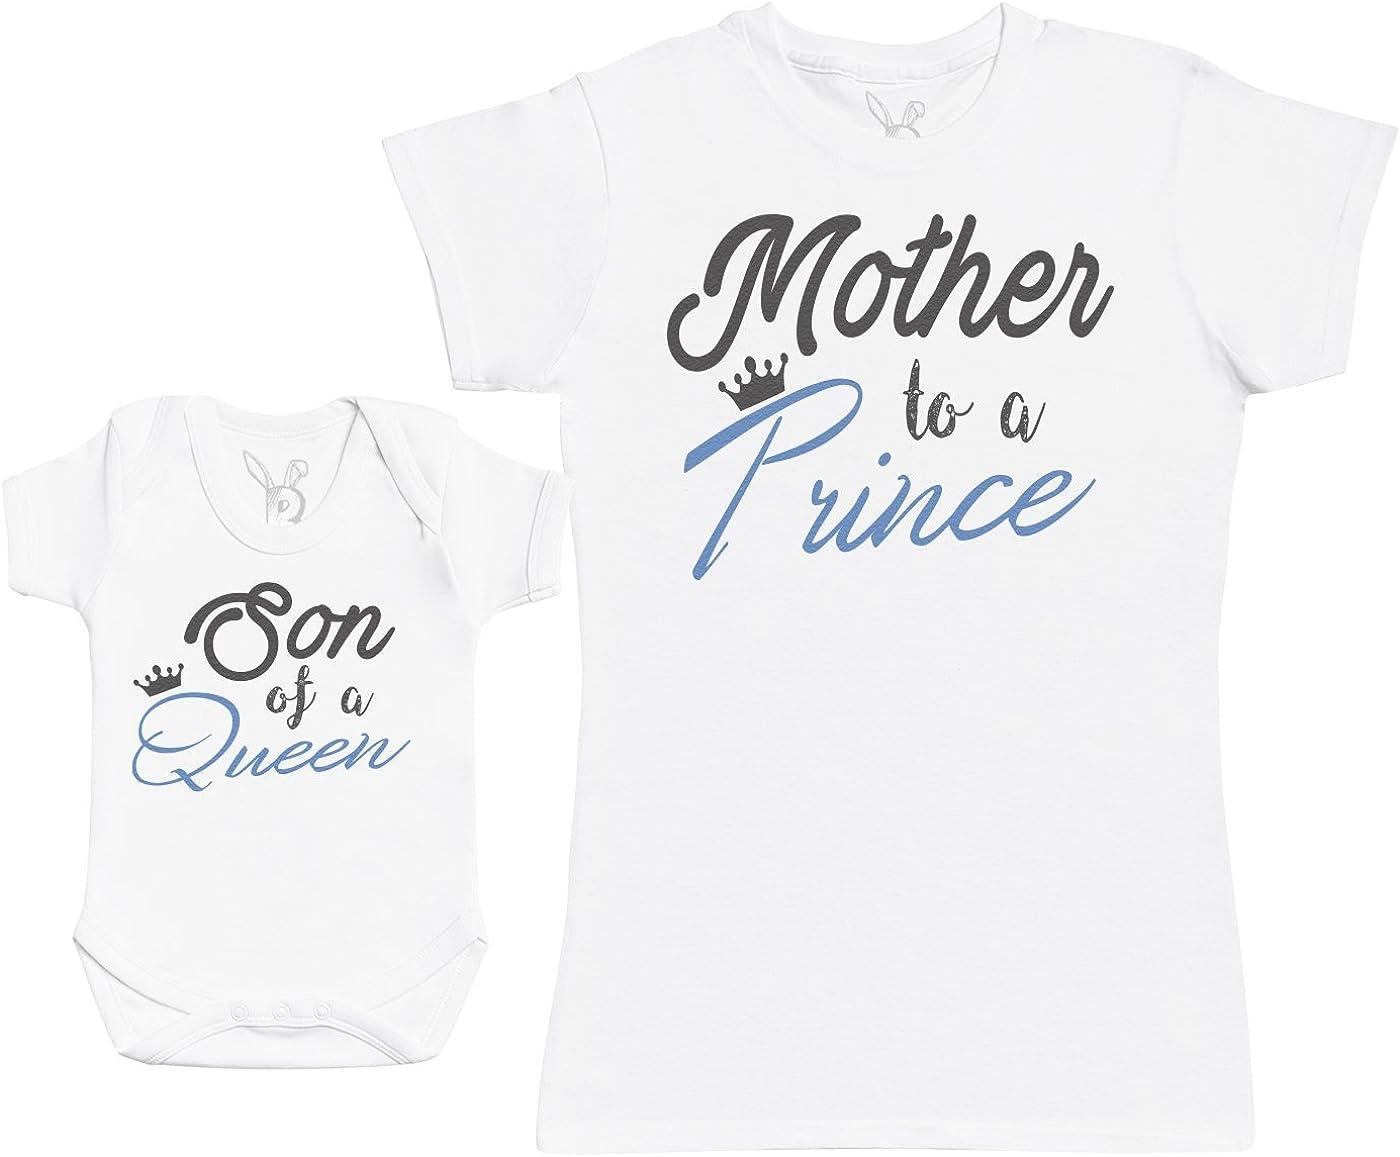 Son of A Queen, Mother To A Prince - Regalo para Madres y bebés en un Body para bebés y una Camiseta de Mujer a Juego